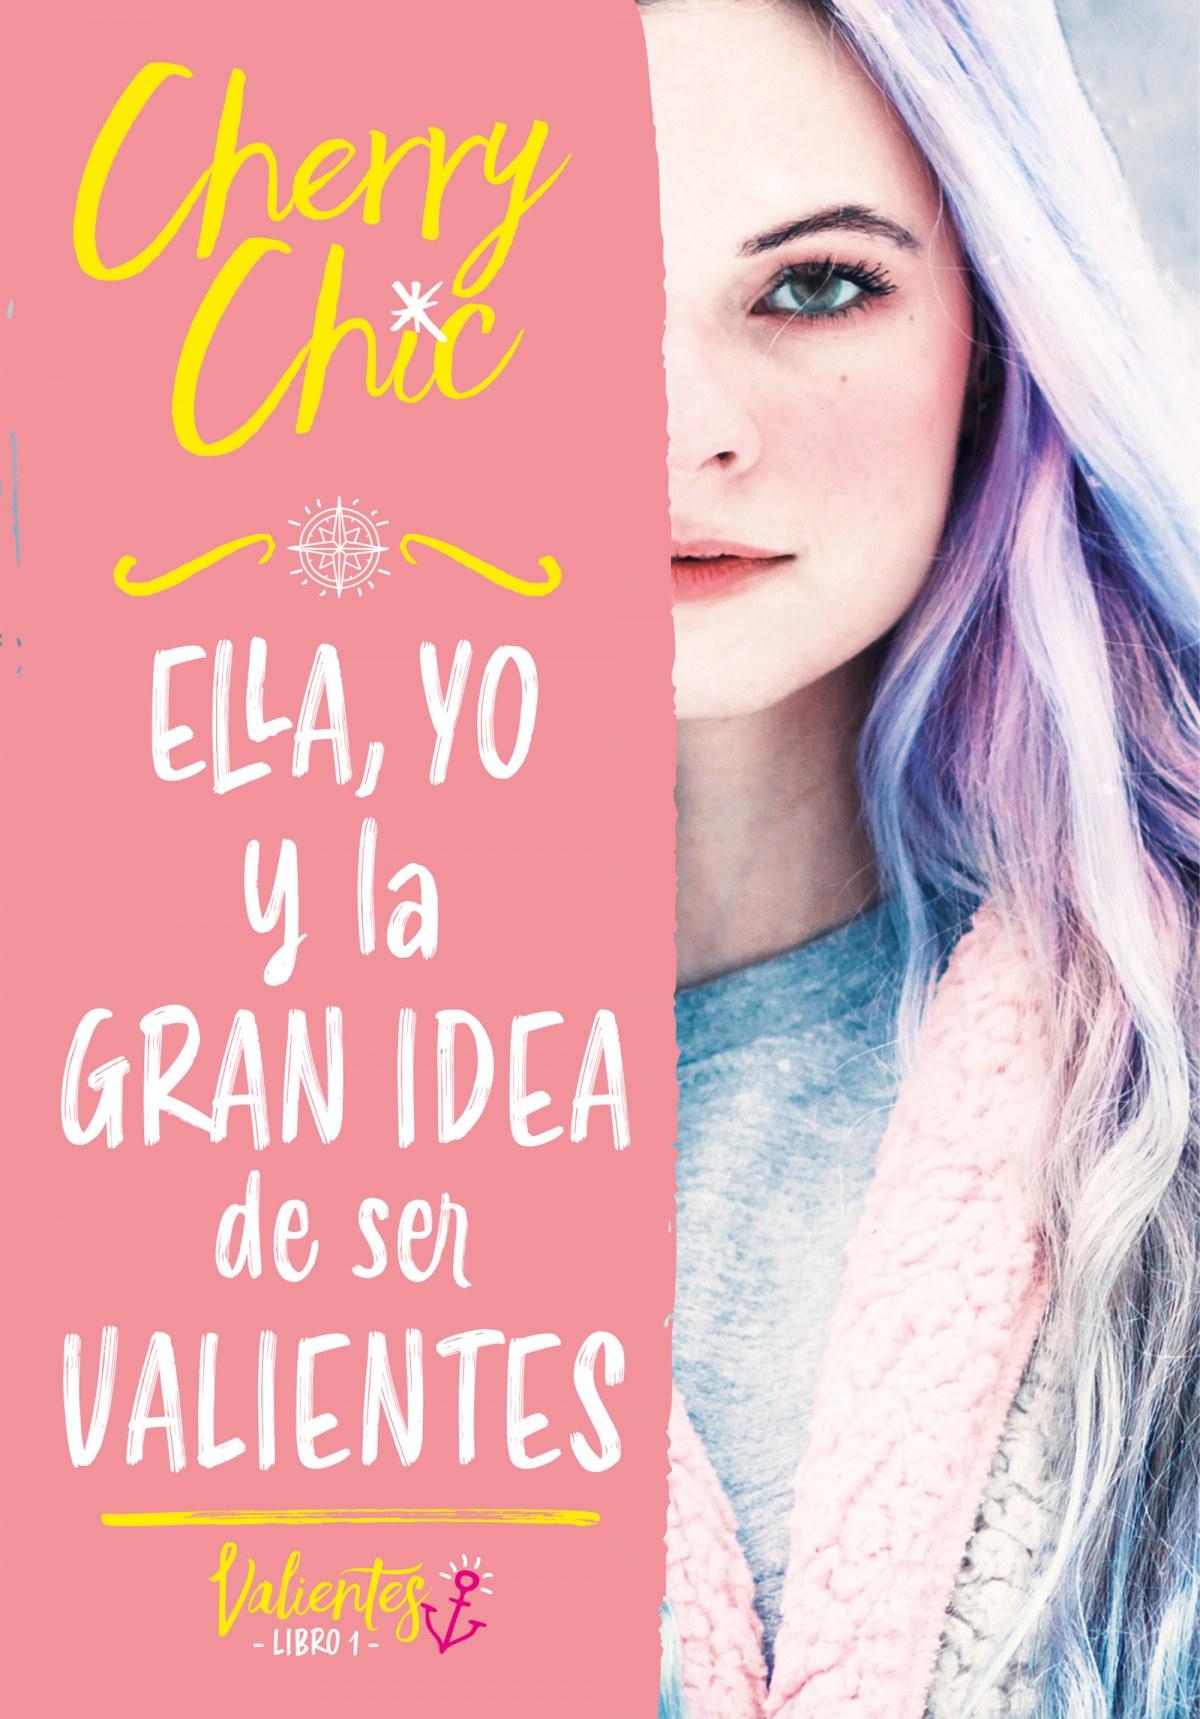 Ella, yo y la gran idea de ser valientes (Valientes) 9788418038686